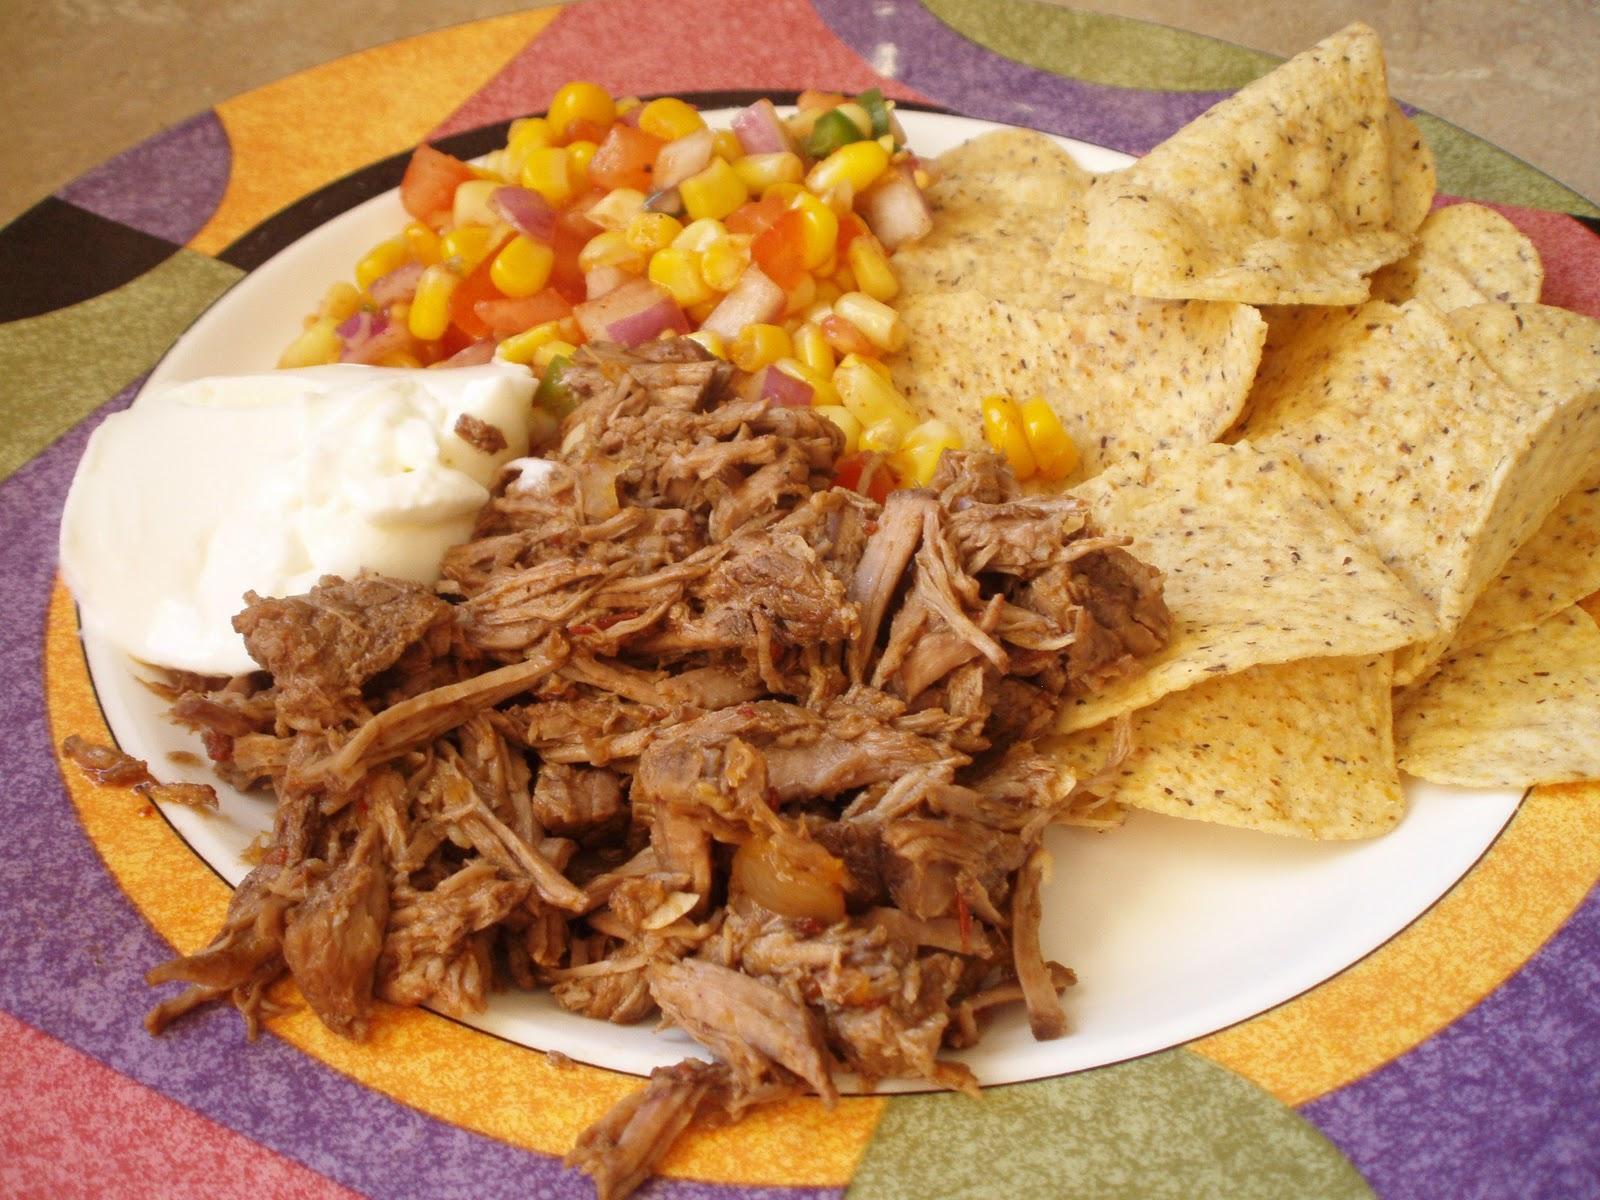 ... beef barbacoa beef fully cooked afdr slow cooker barbacoa beef